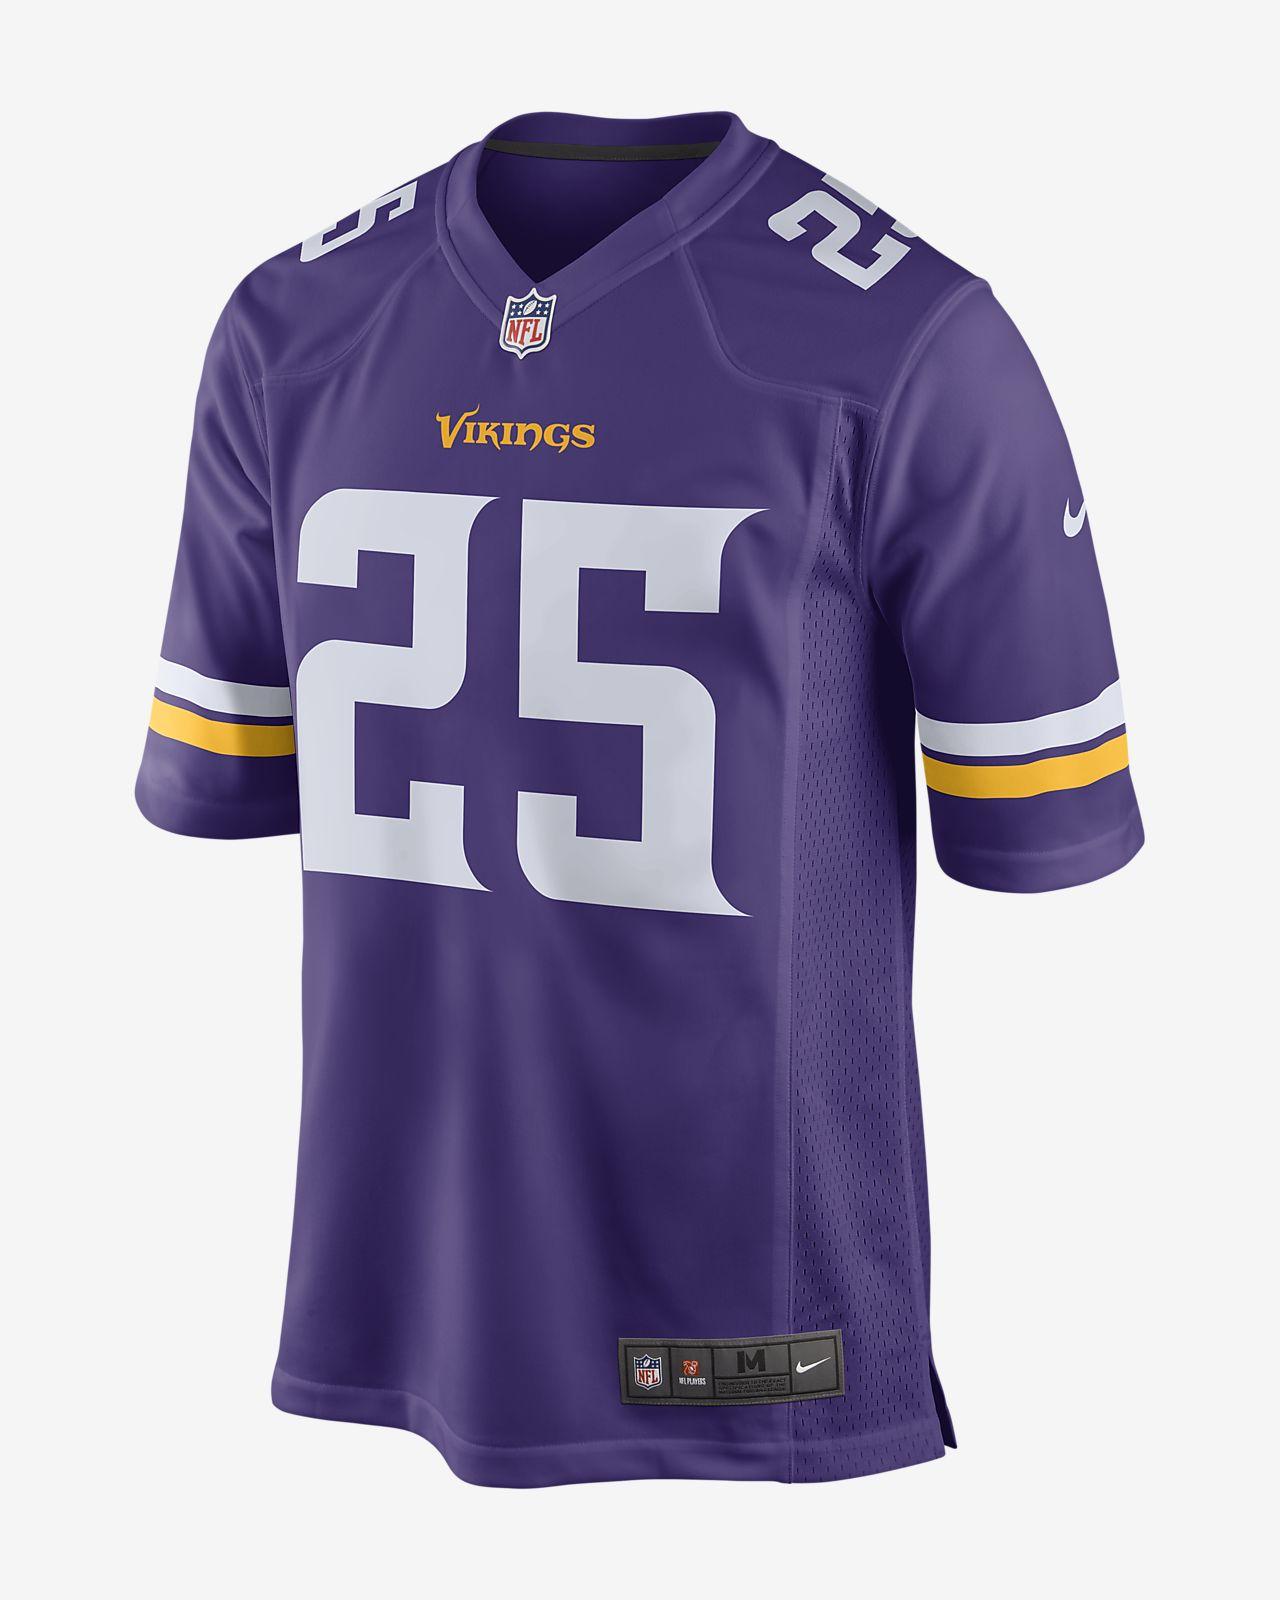 Męska domowa koszulka meczowa do futbolu amerykańskiego NFL Minnesota Vikings (Latavius Murray)